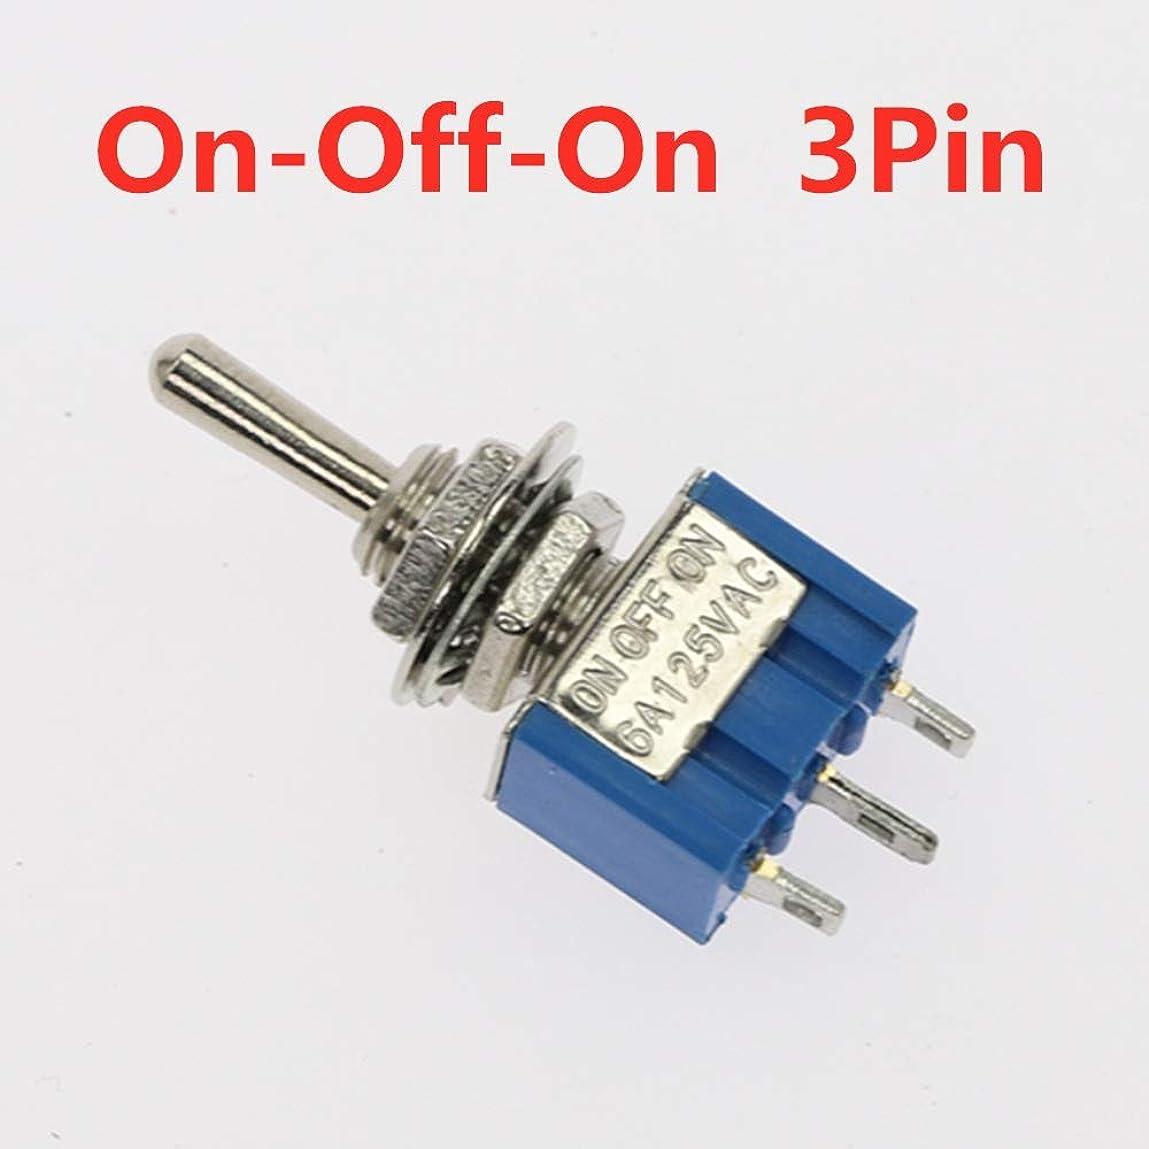 要求リットル幅5pcsのトグルスイッチON-OFF/ON-OFF-ON 3/6ピン2/3位置ラッチングMTS-102 103 202 AC 125V / 250V 6A / 3A電源ボタンスイッチカー (Color : 103, Voltage : 5Pcs)